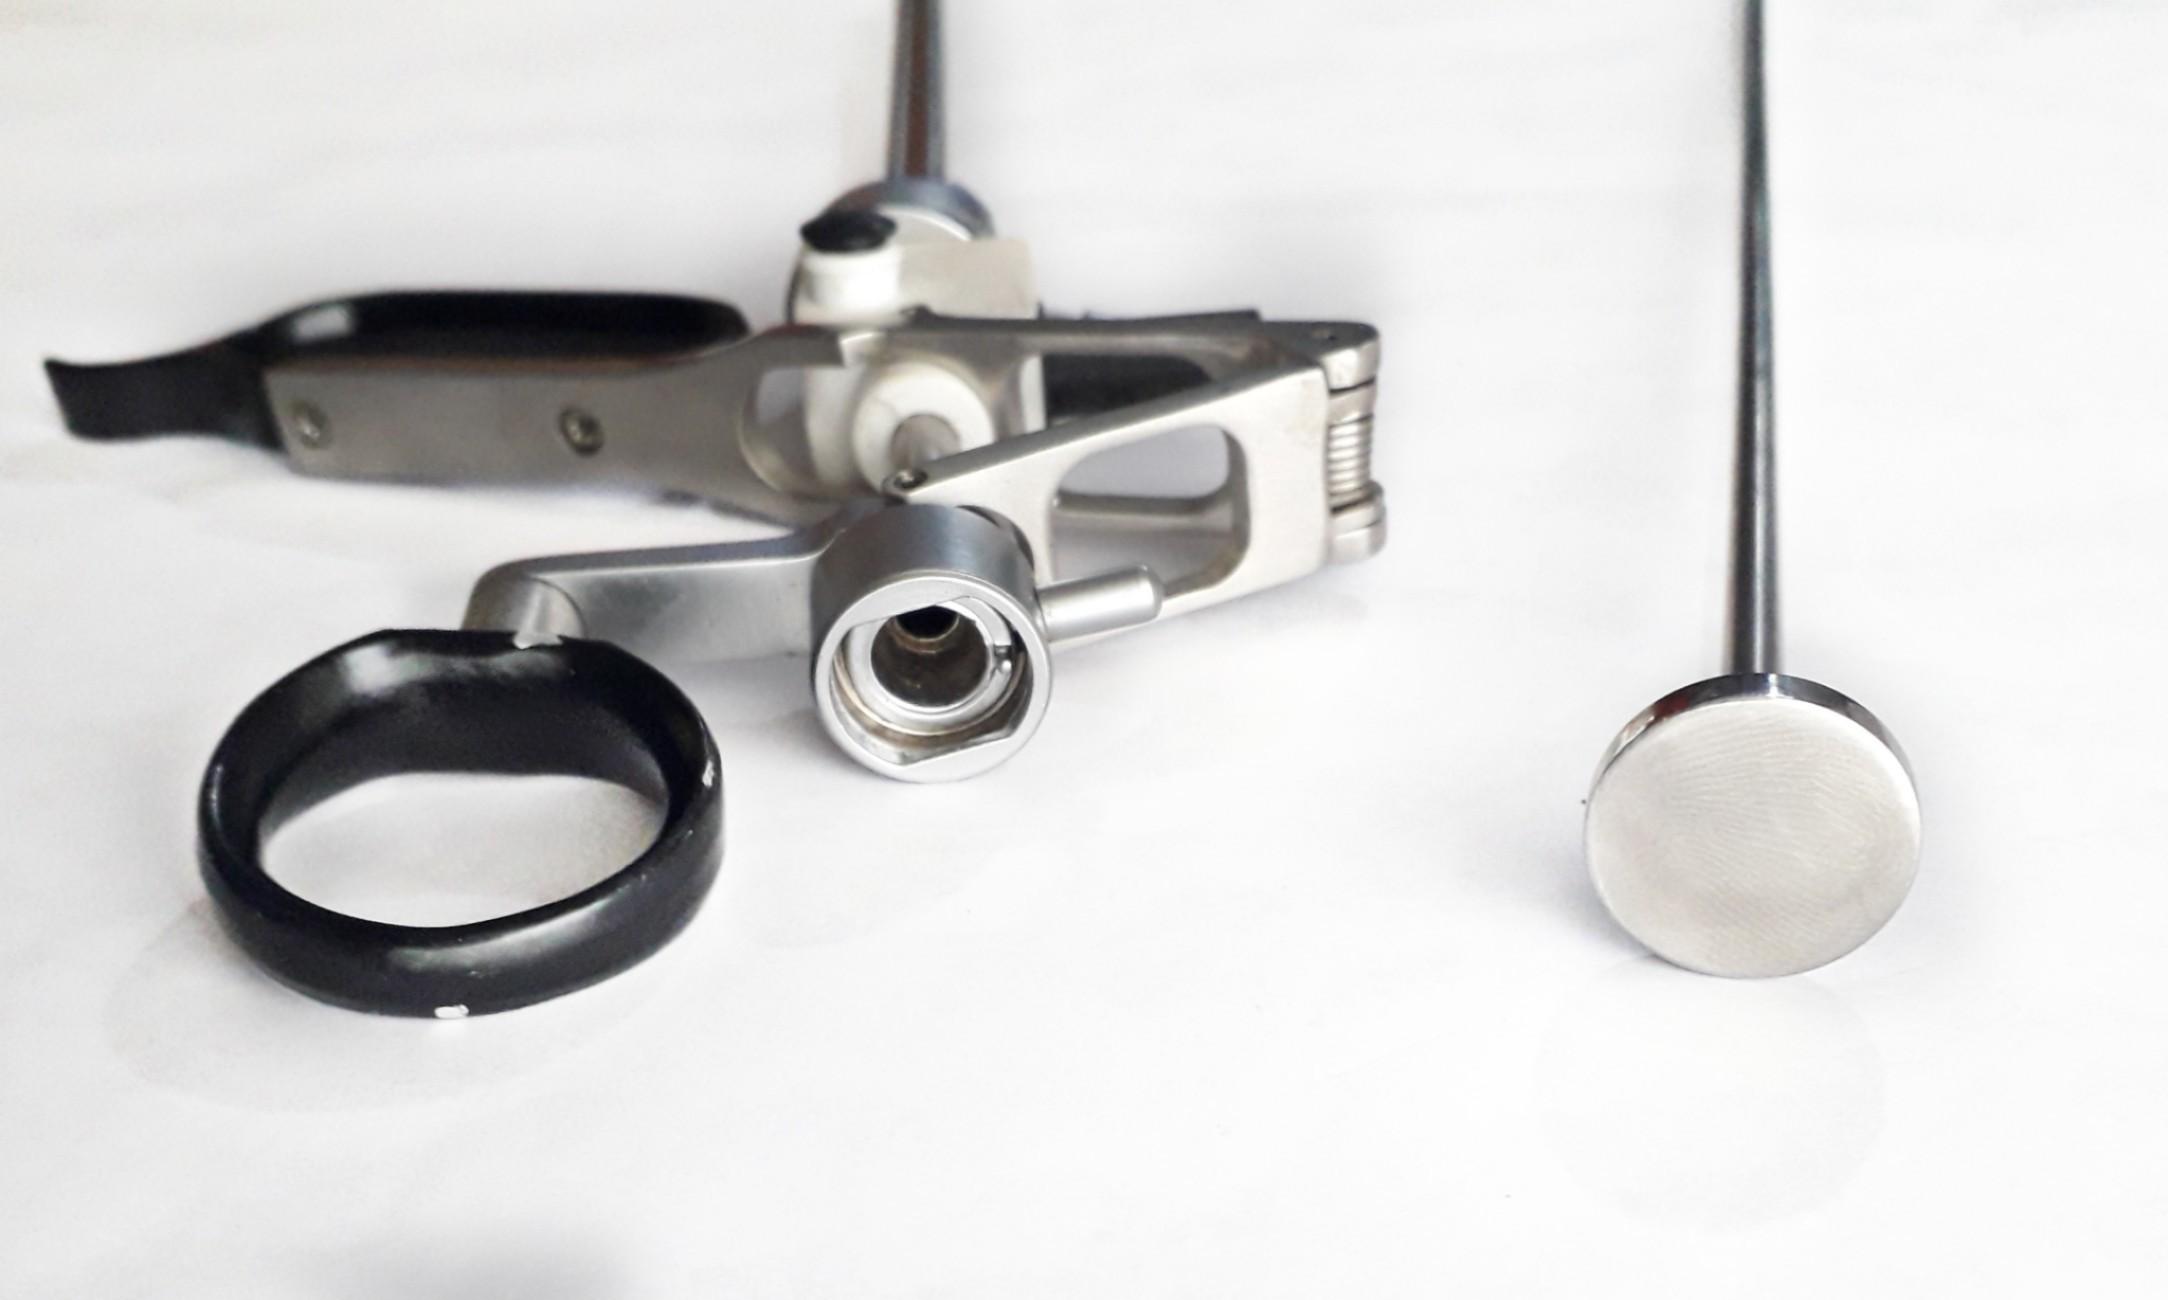 Laparoscopy Mono Working Element